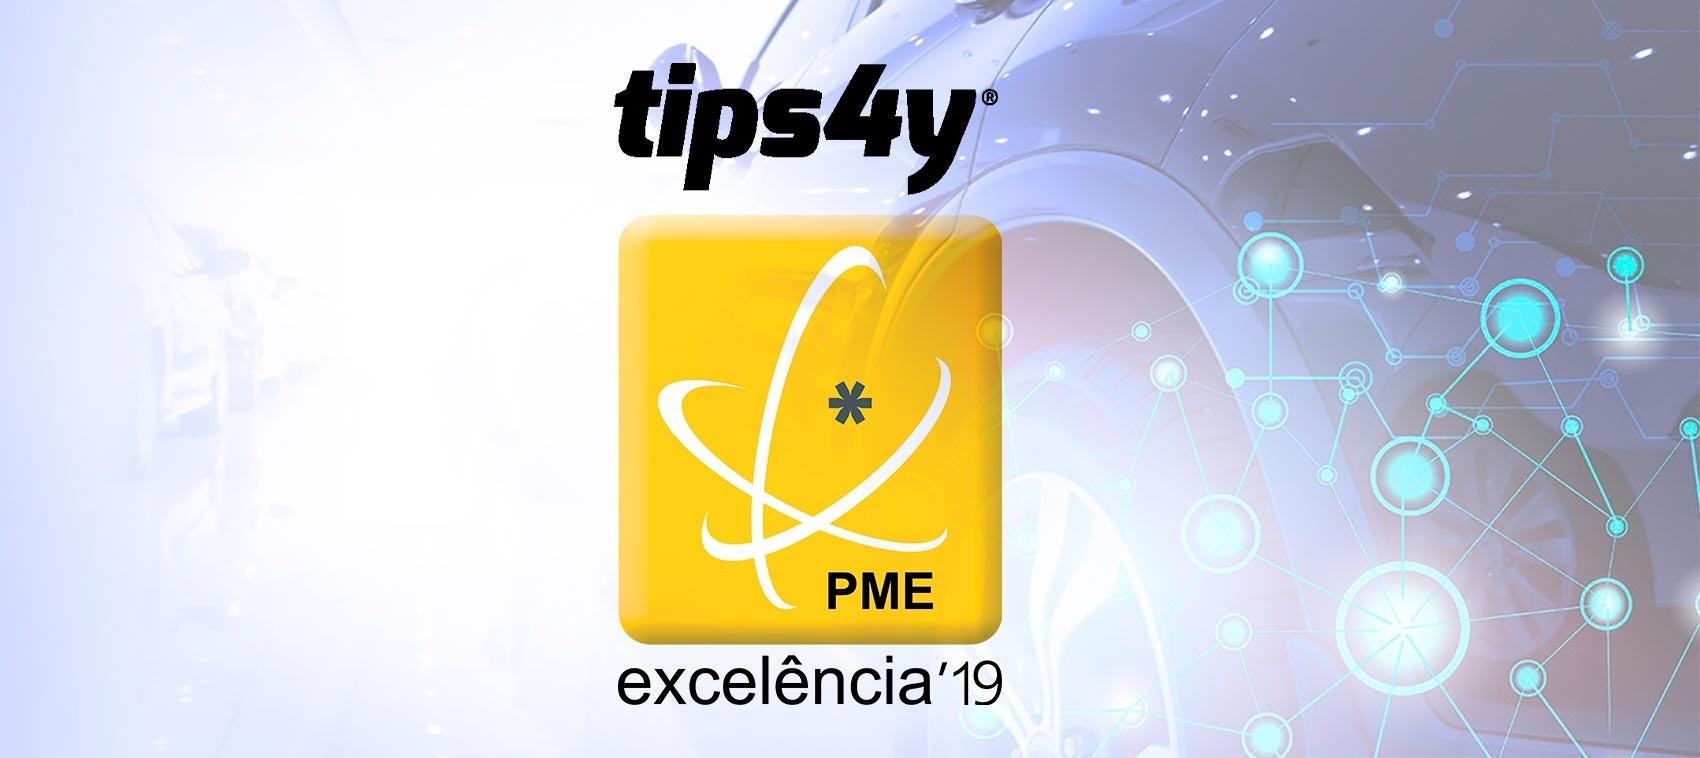 TIPS 4Y conquista estatuto de PME Excelência 2019